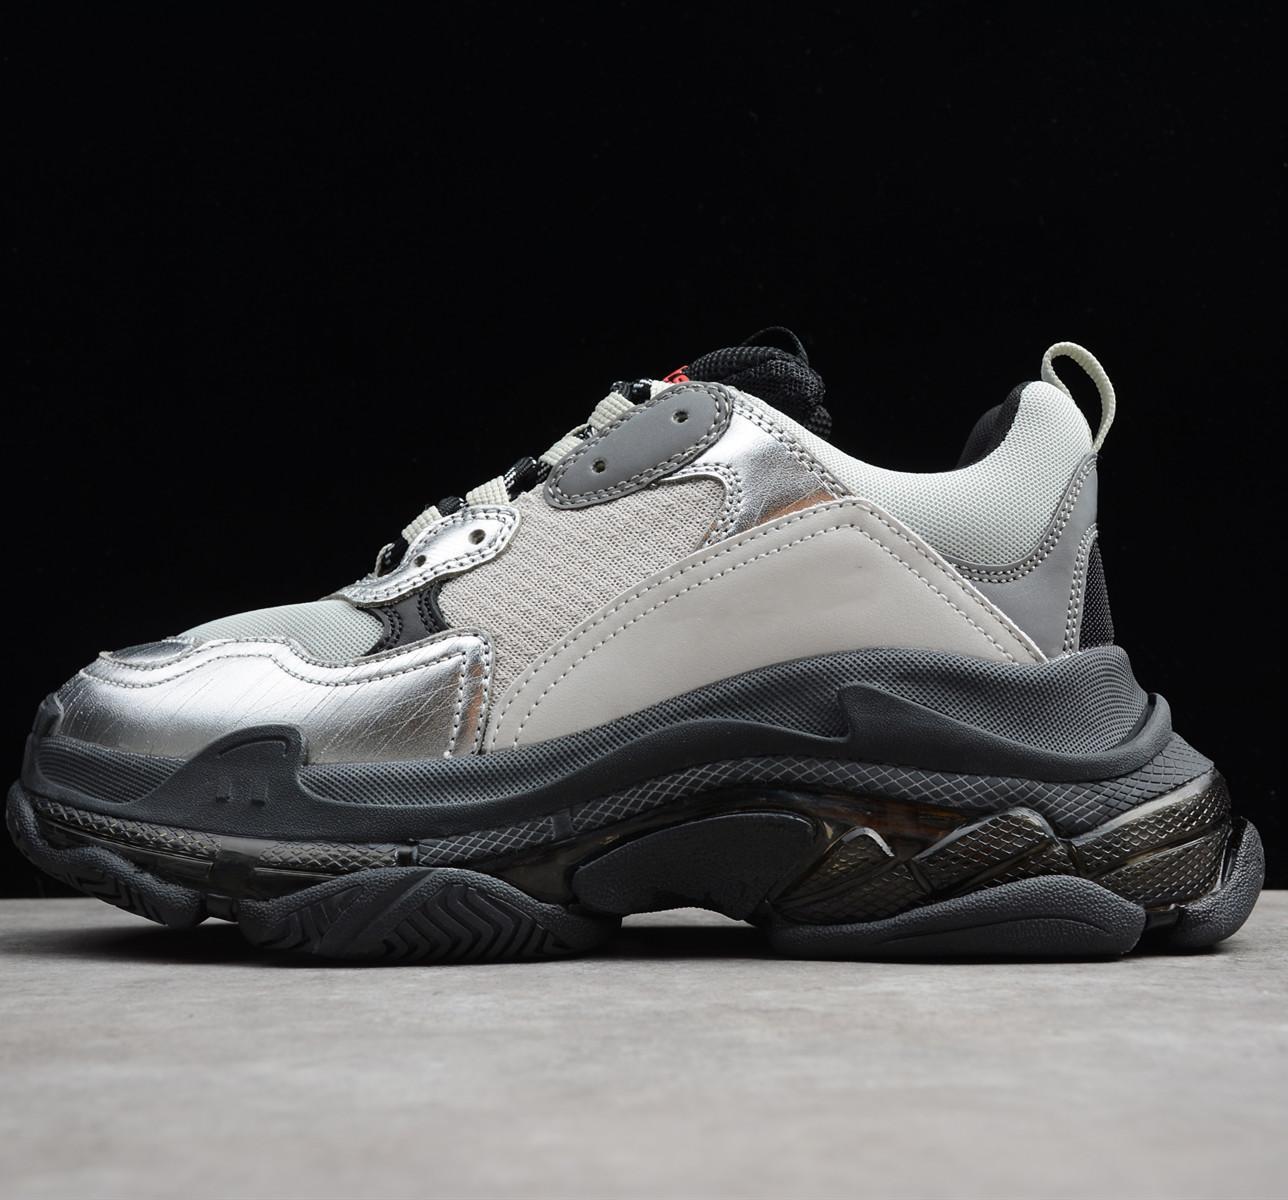 2020 Paris Freizeitschuhe Triple - S Klar Sohle Trainer Dad Schuh Sneaker Schwarz Grün Silber Kristall Unten Herren Damen Superior Chaussures